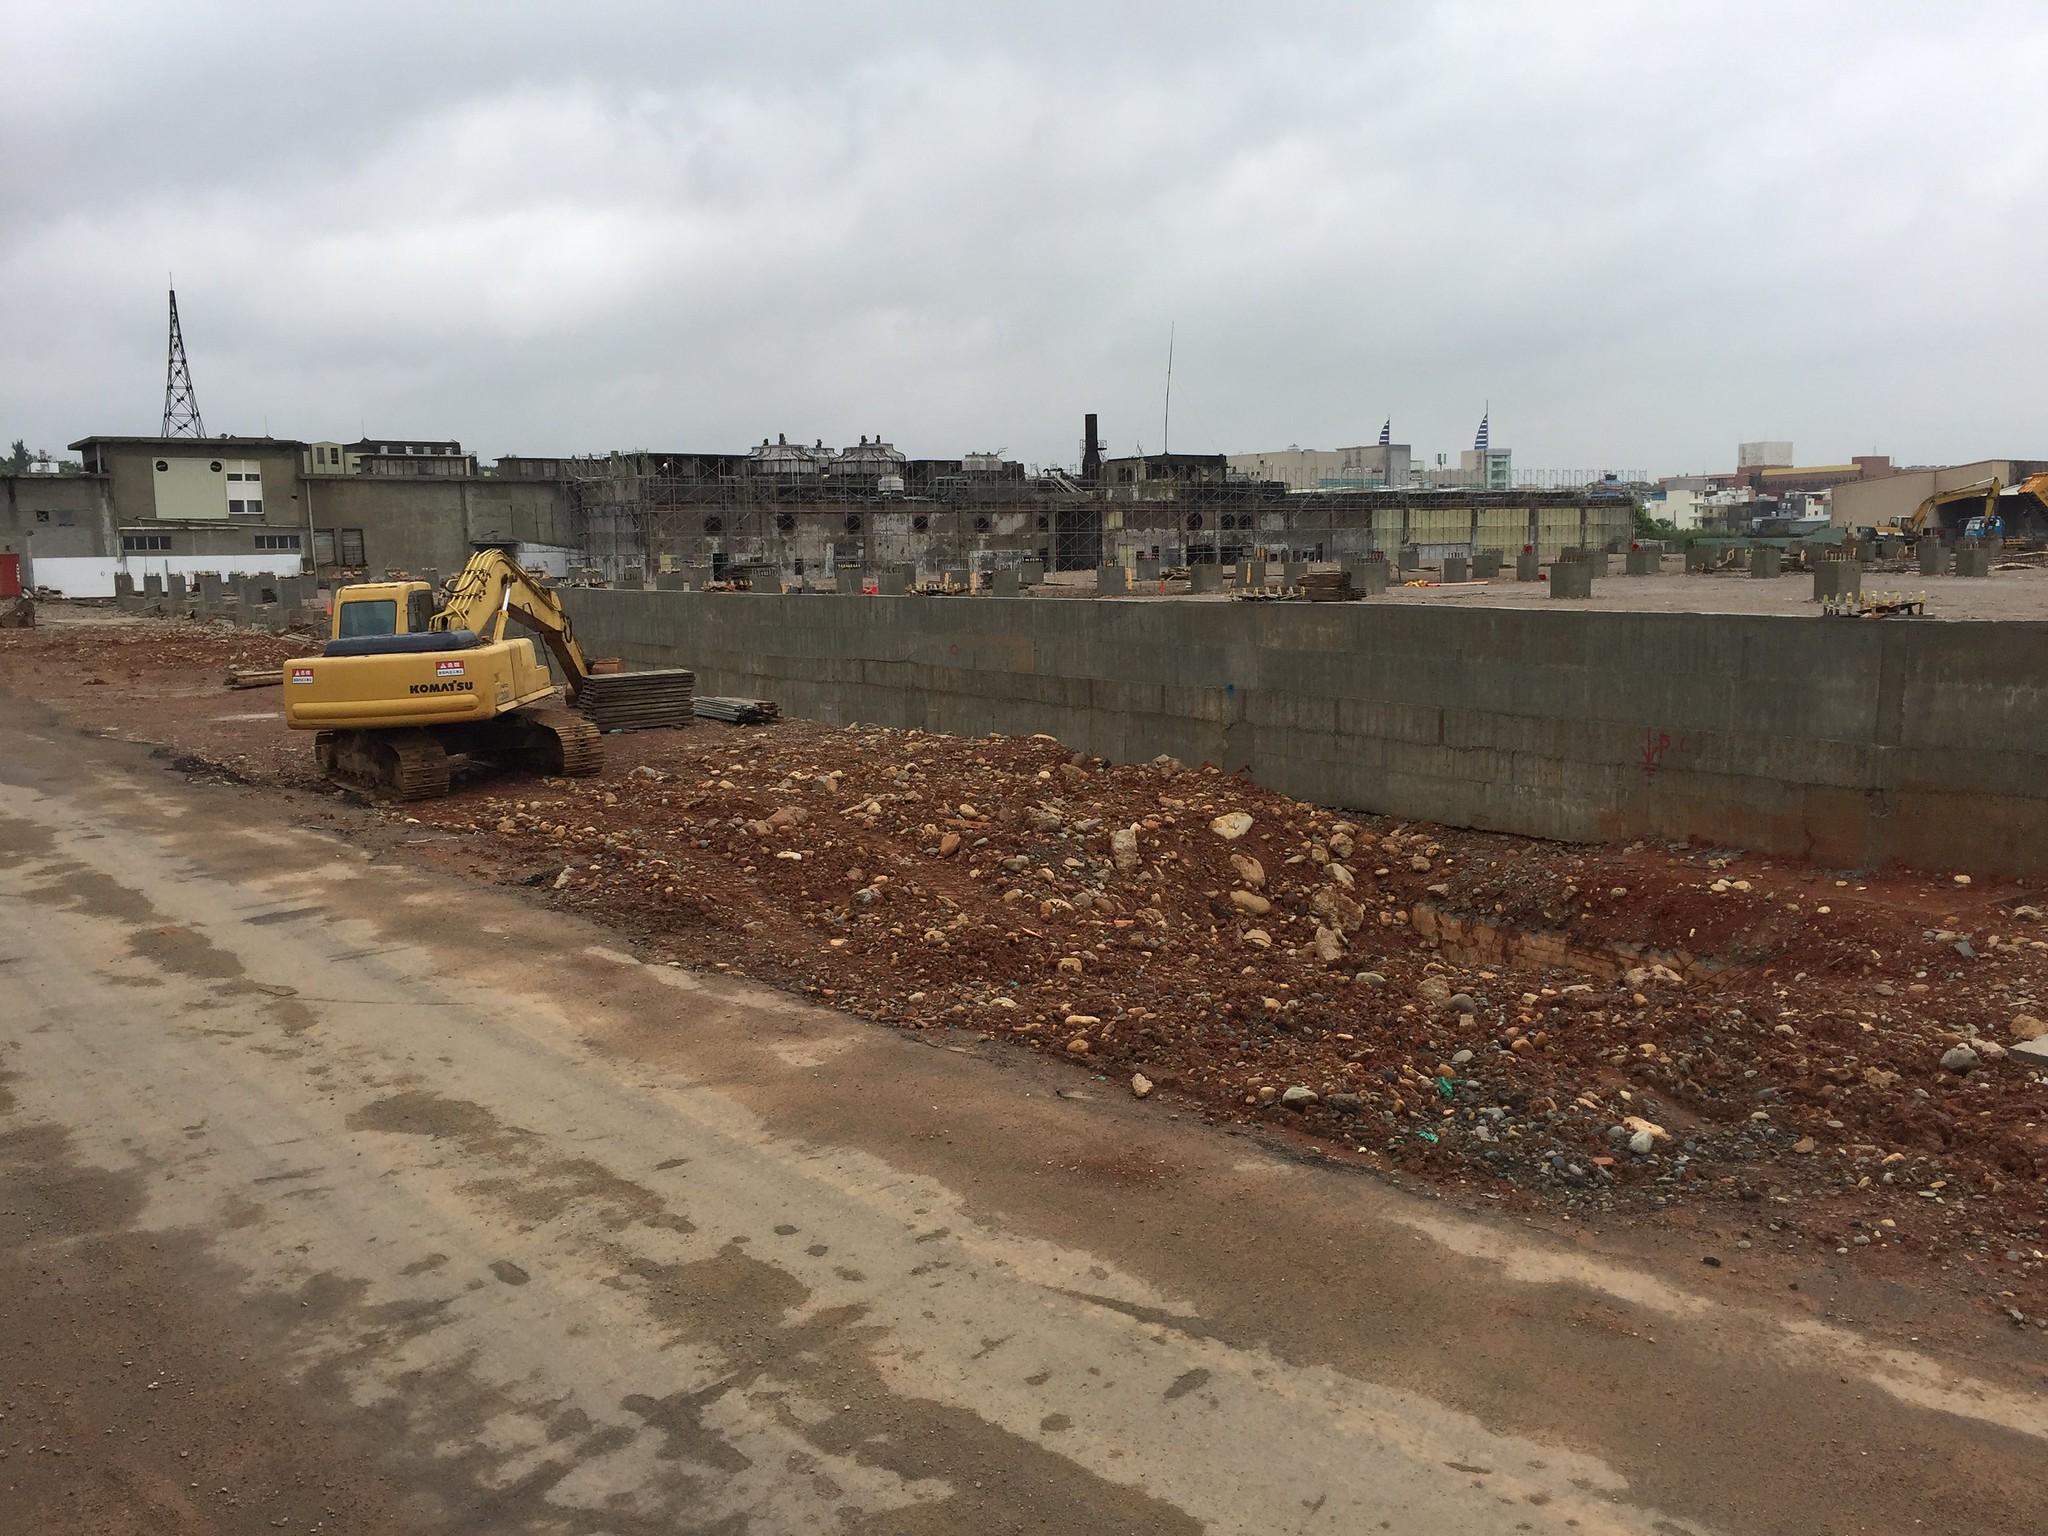 紡織廠土地將轉為物流業倉儲,原二、三廠廠區已經在施工中。(攝影:王顥中)